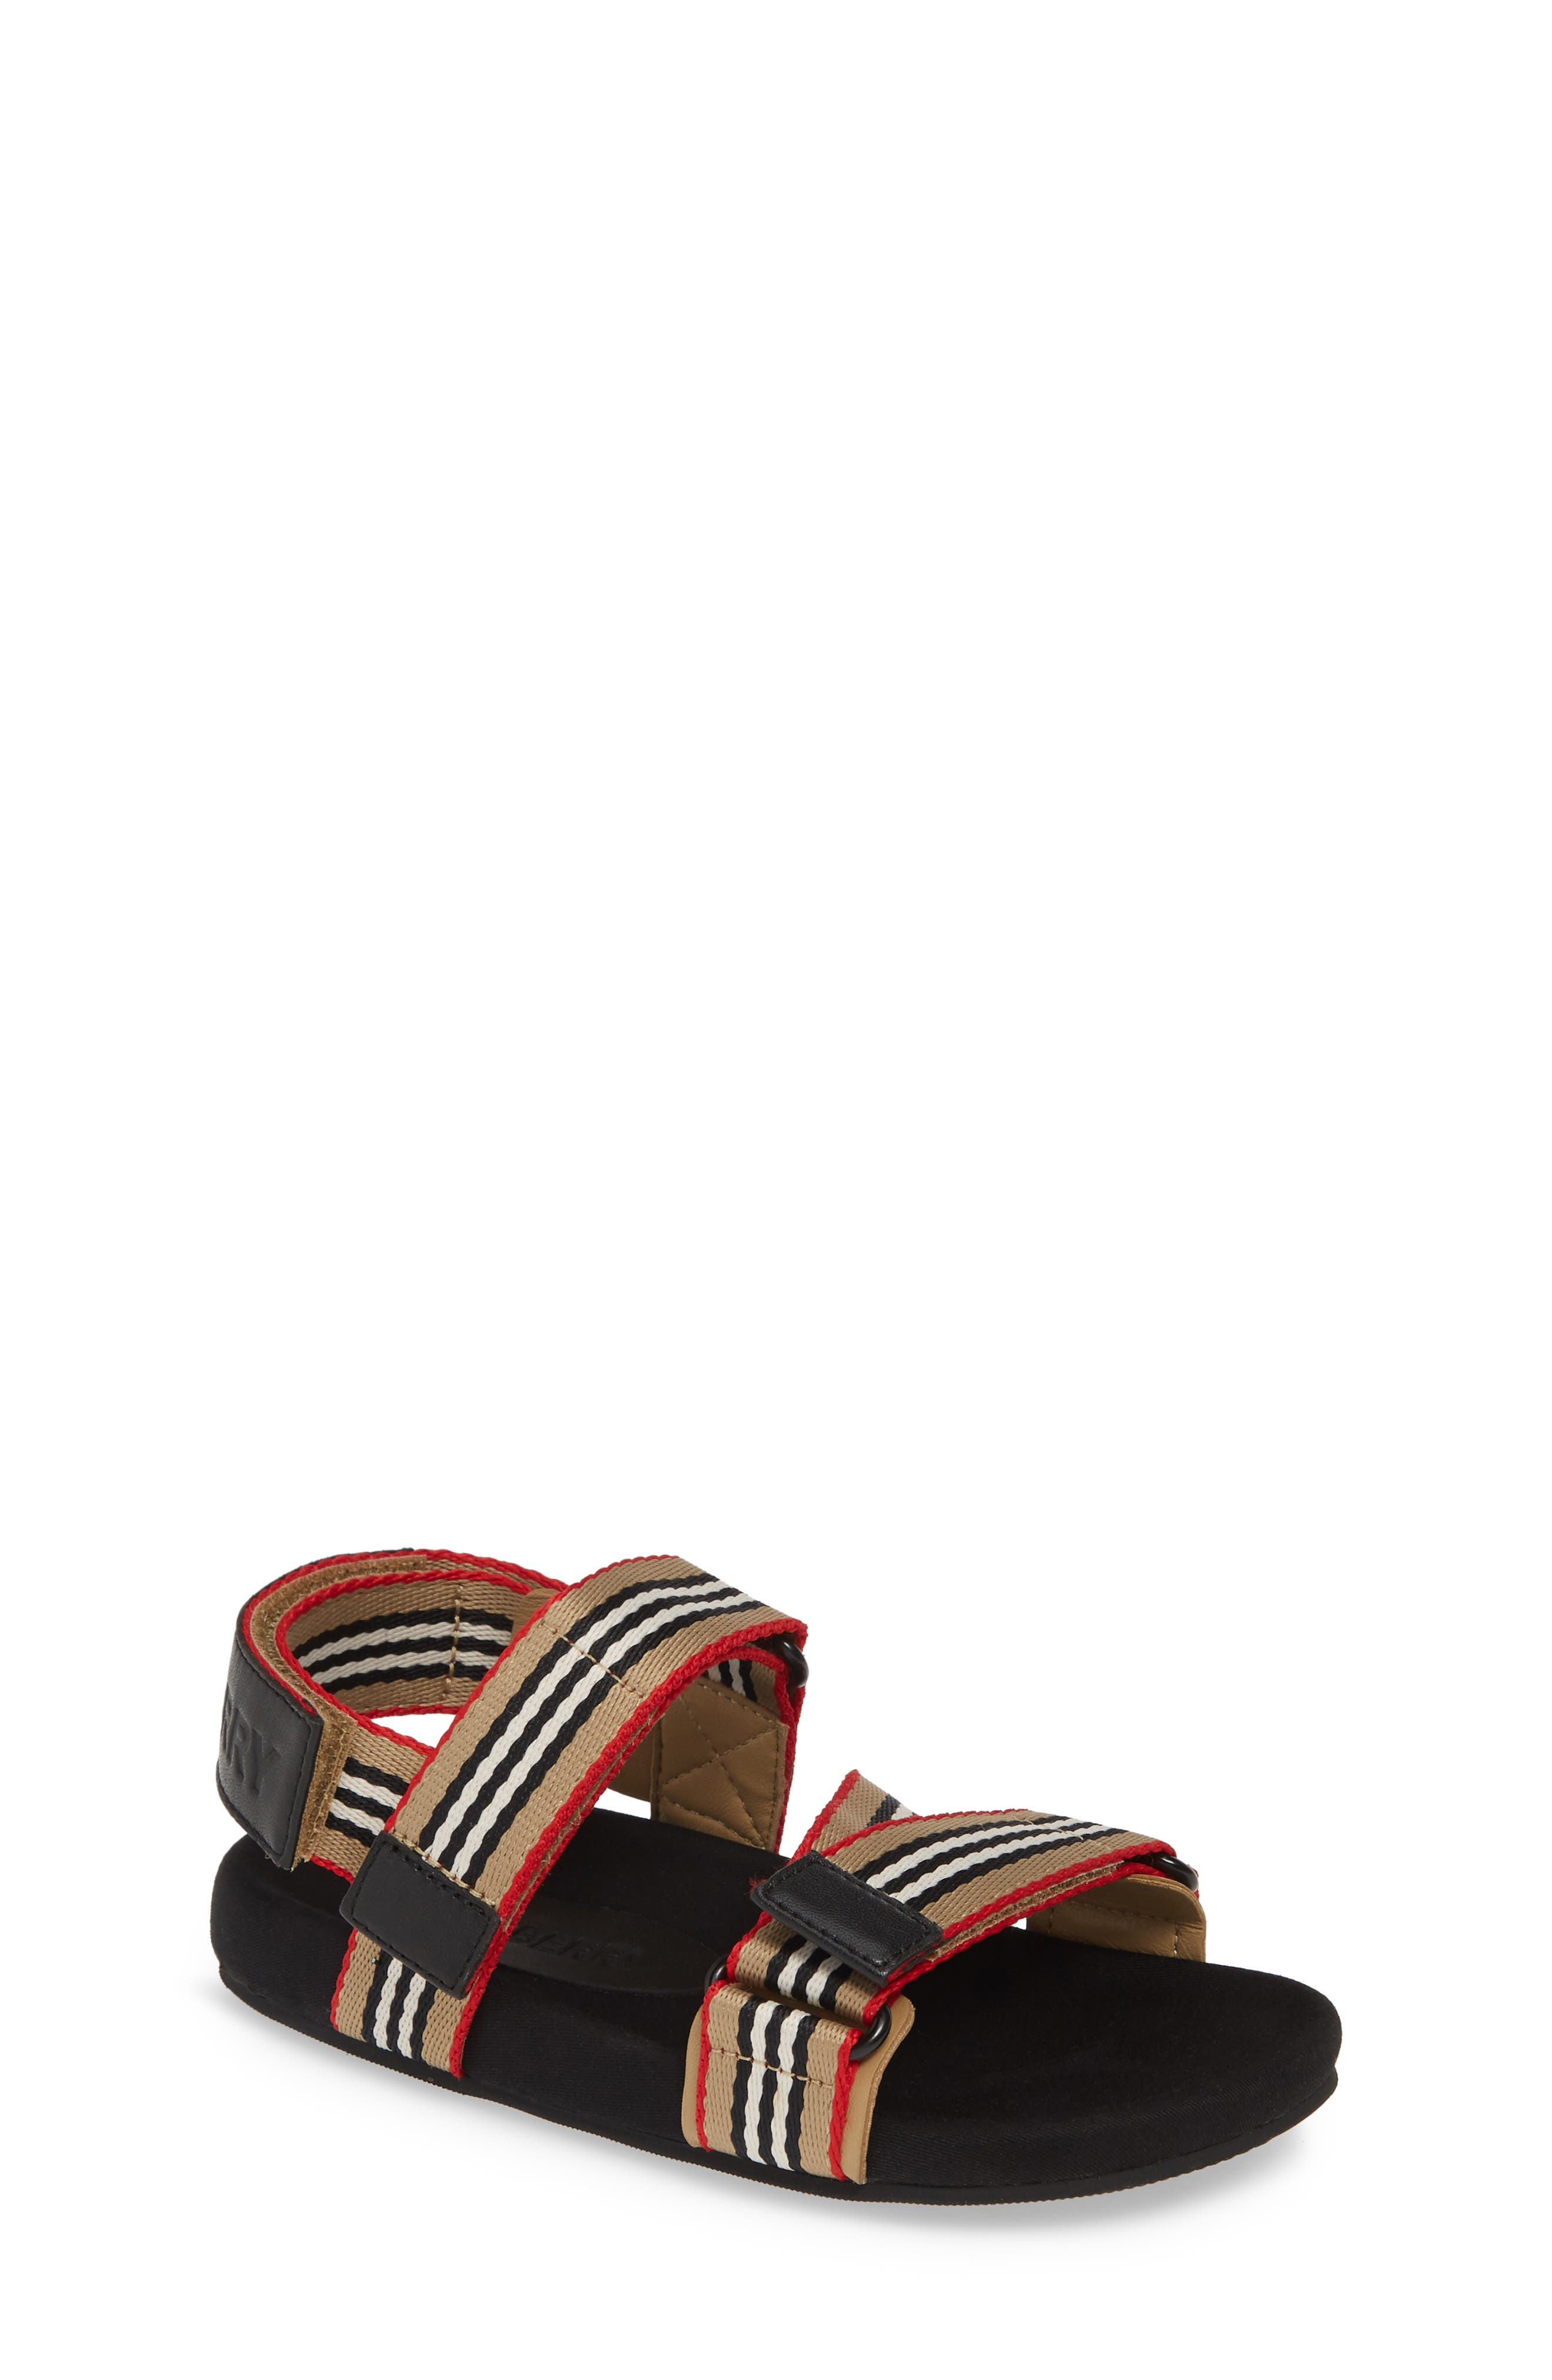 BURBERRY,                             Redmire Sandal,                             Main thumbnail 1, color,                             ARCH BEIGE/BLACK